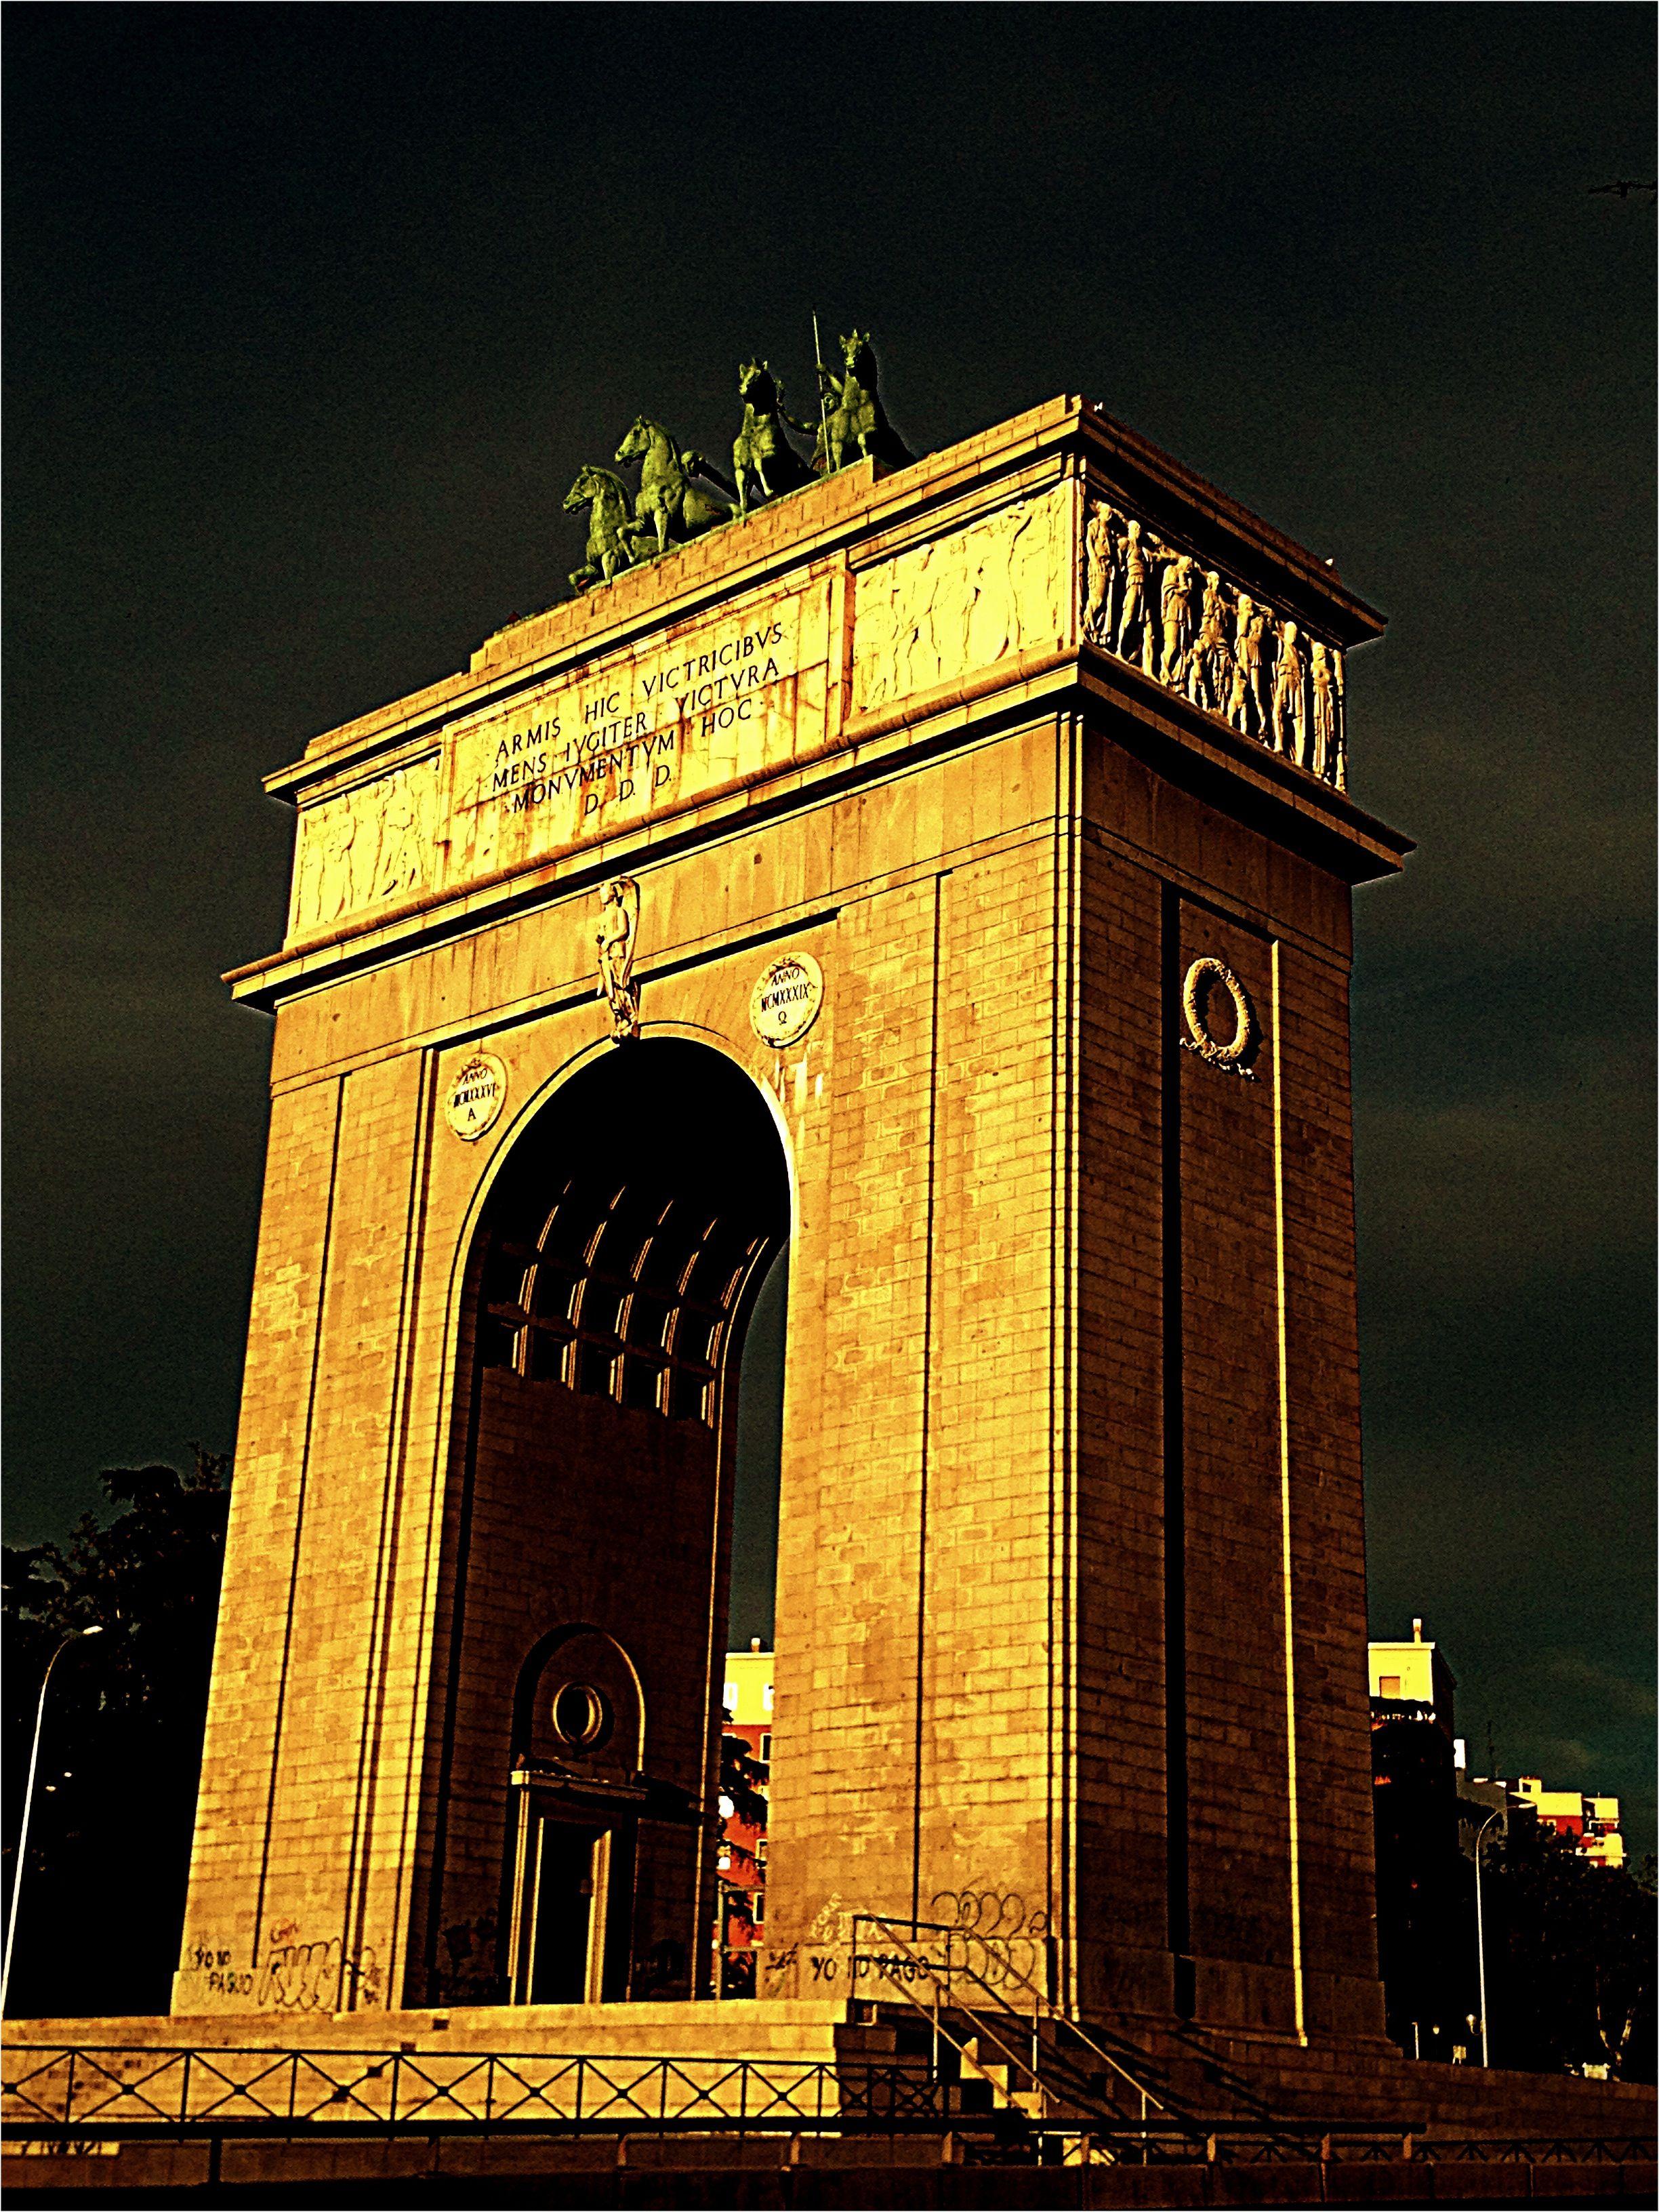 En Madrid Tambien Tenemos Un Arco Del Triunfo Arco De La Victoria